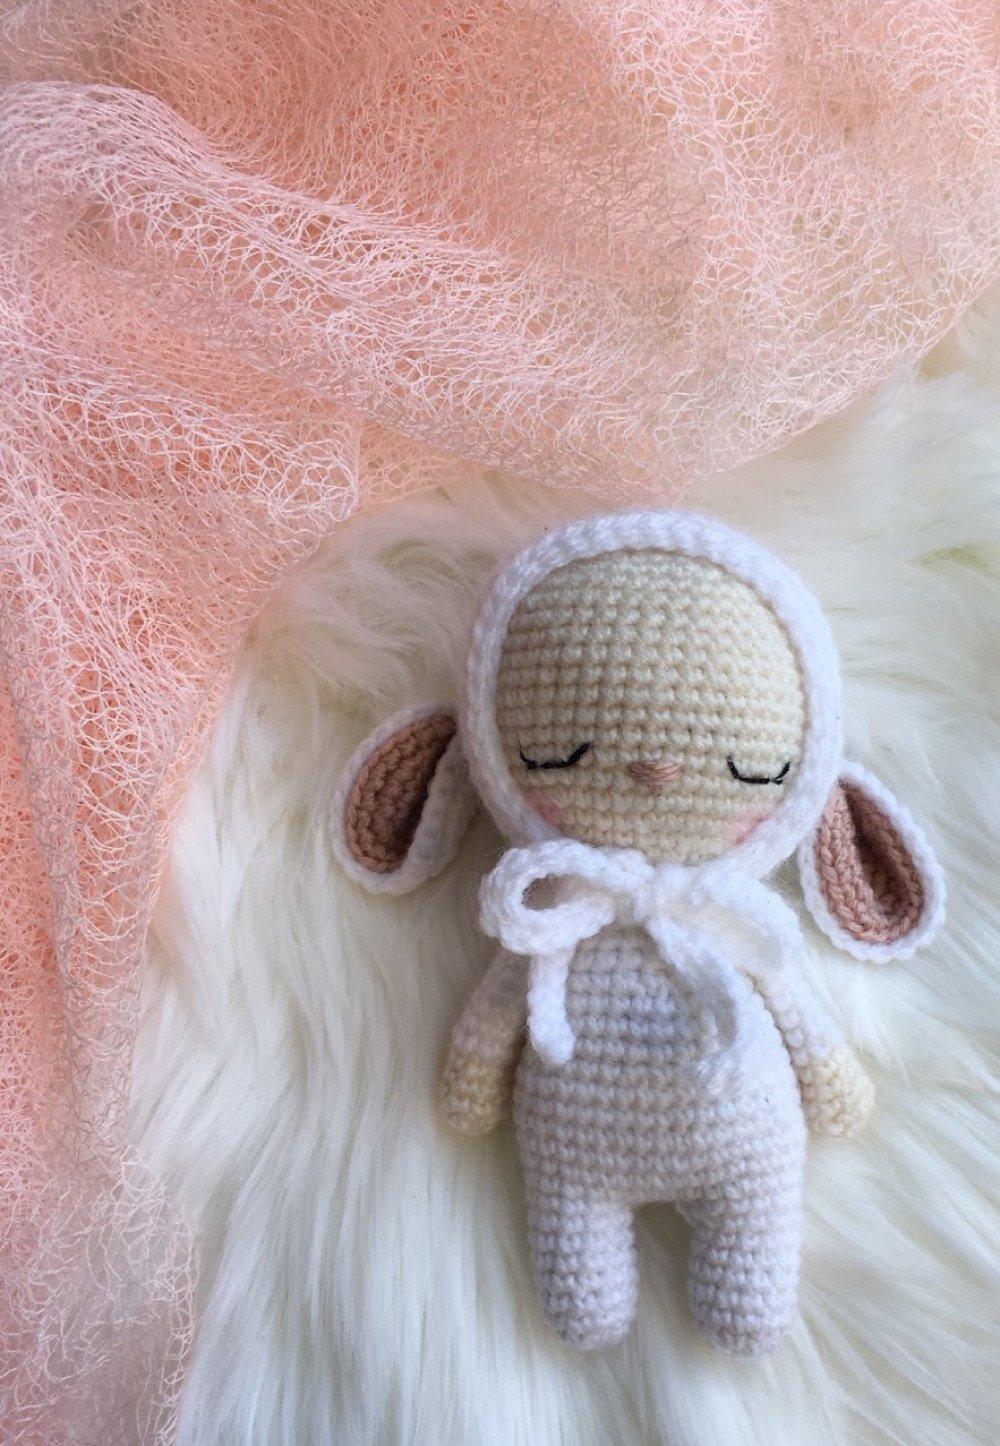 Tuto Amigurumi : Ourson, Panda, Koala - Tout sur le crochet et les ... | 1446x1000